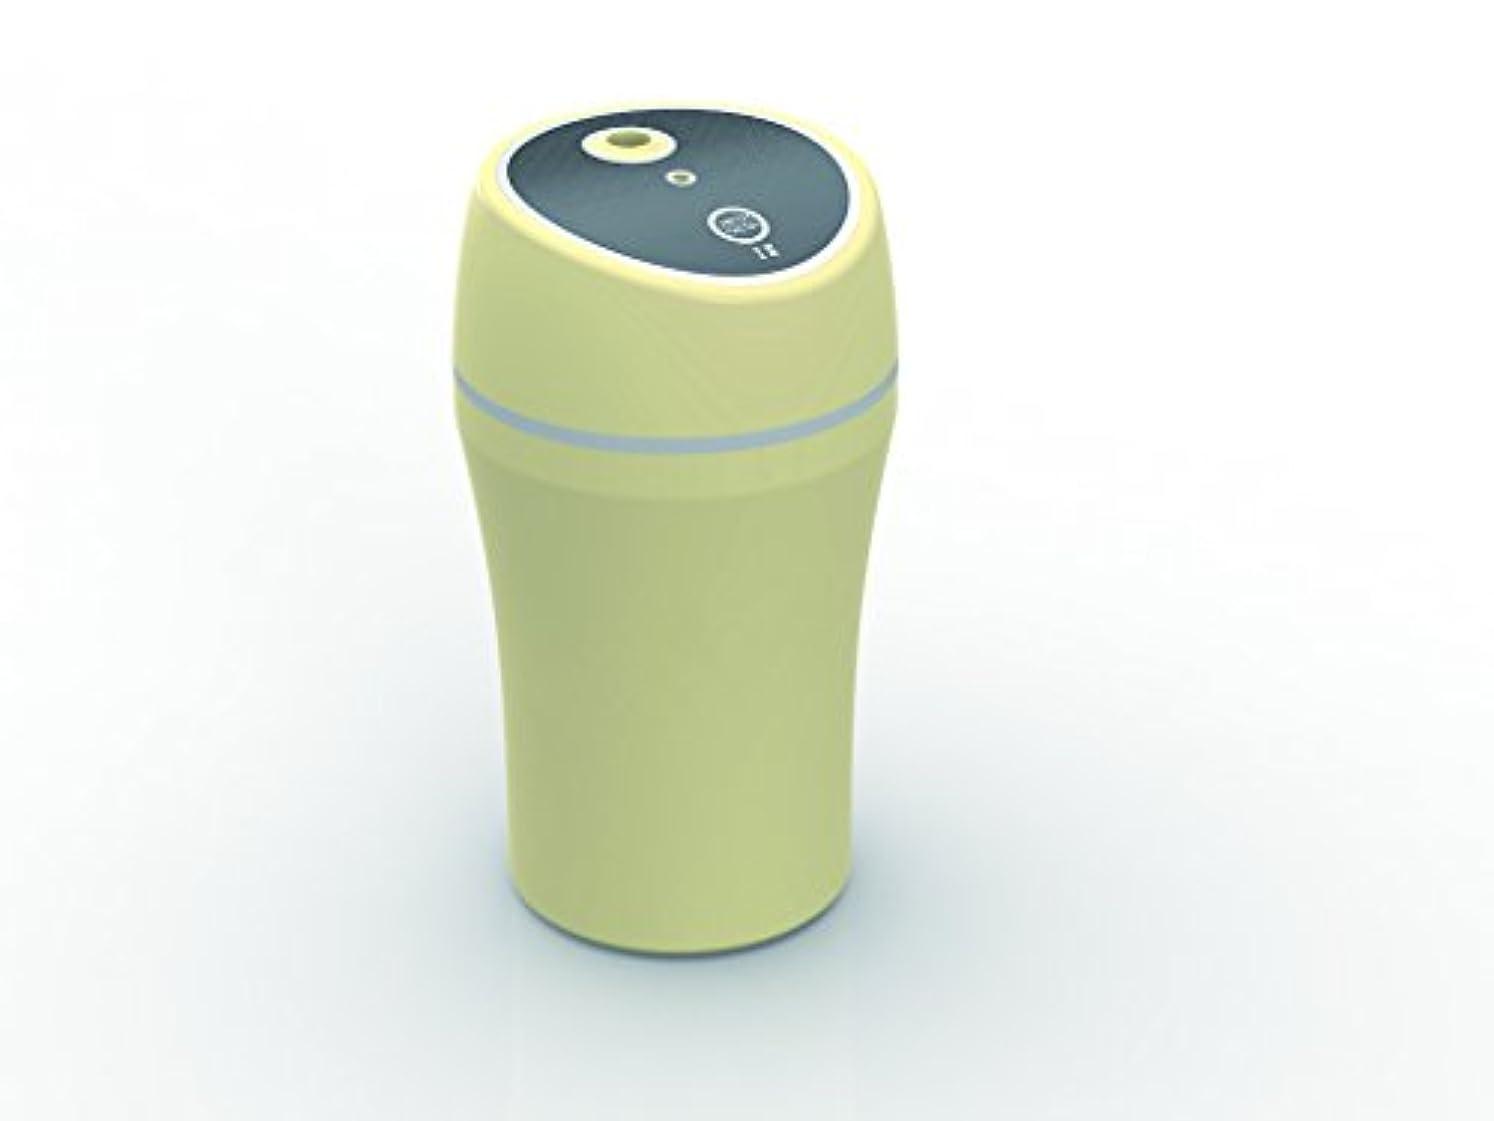 失効パトロール名前を作るKEIYO 車でもオフィスでも自宅でも!DC/USB 2WAY対応 超音波式 USBミニ加湿器 AN-S014 ROOM&CAR アロマディフューザー 車載用加湿器 ドリンクホルダー収納タイプ 超音波式加湿器 (ベージュ)